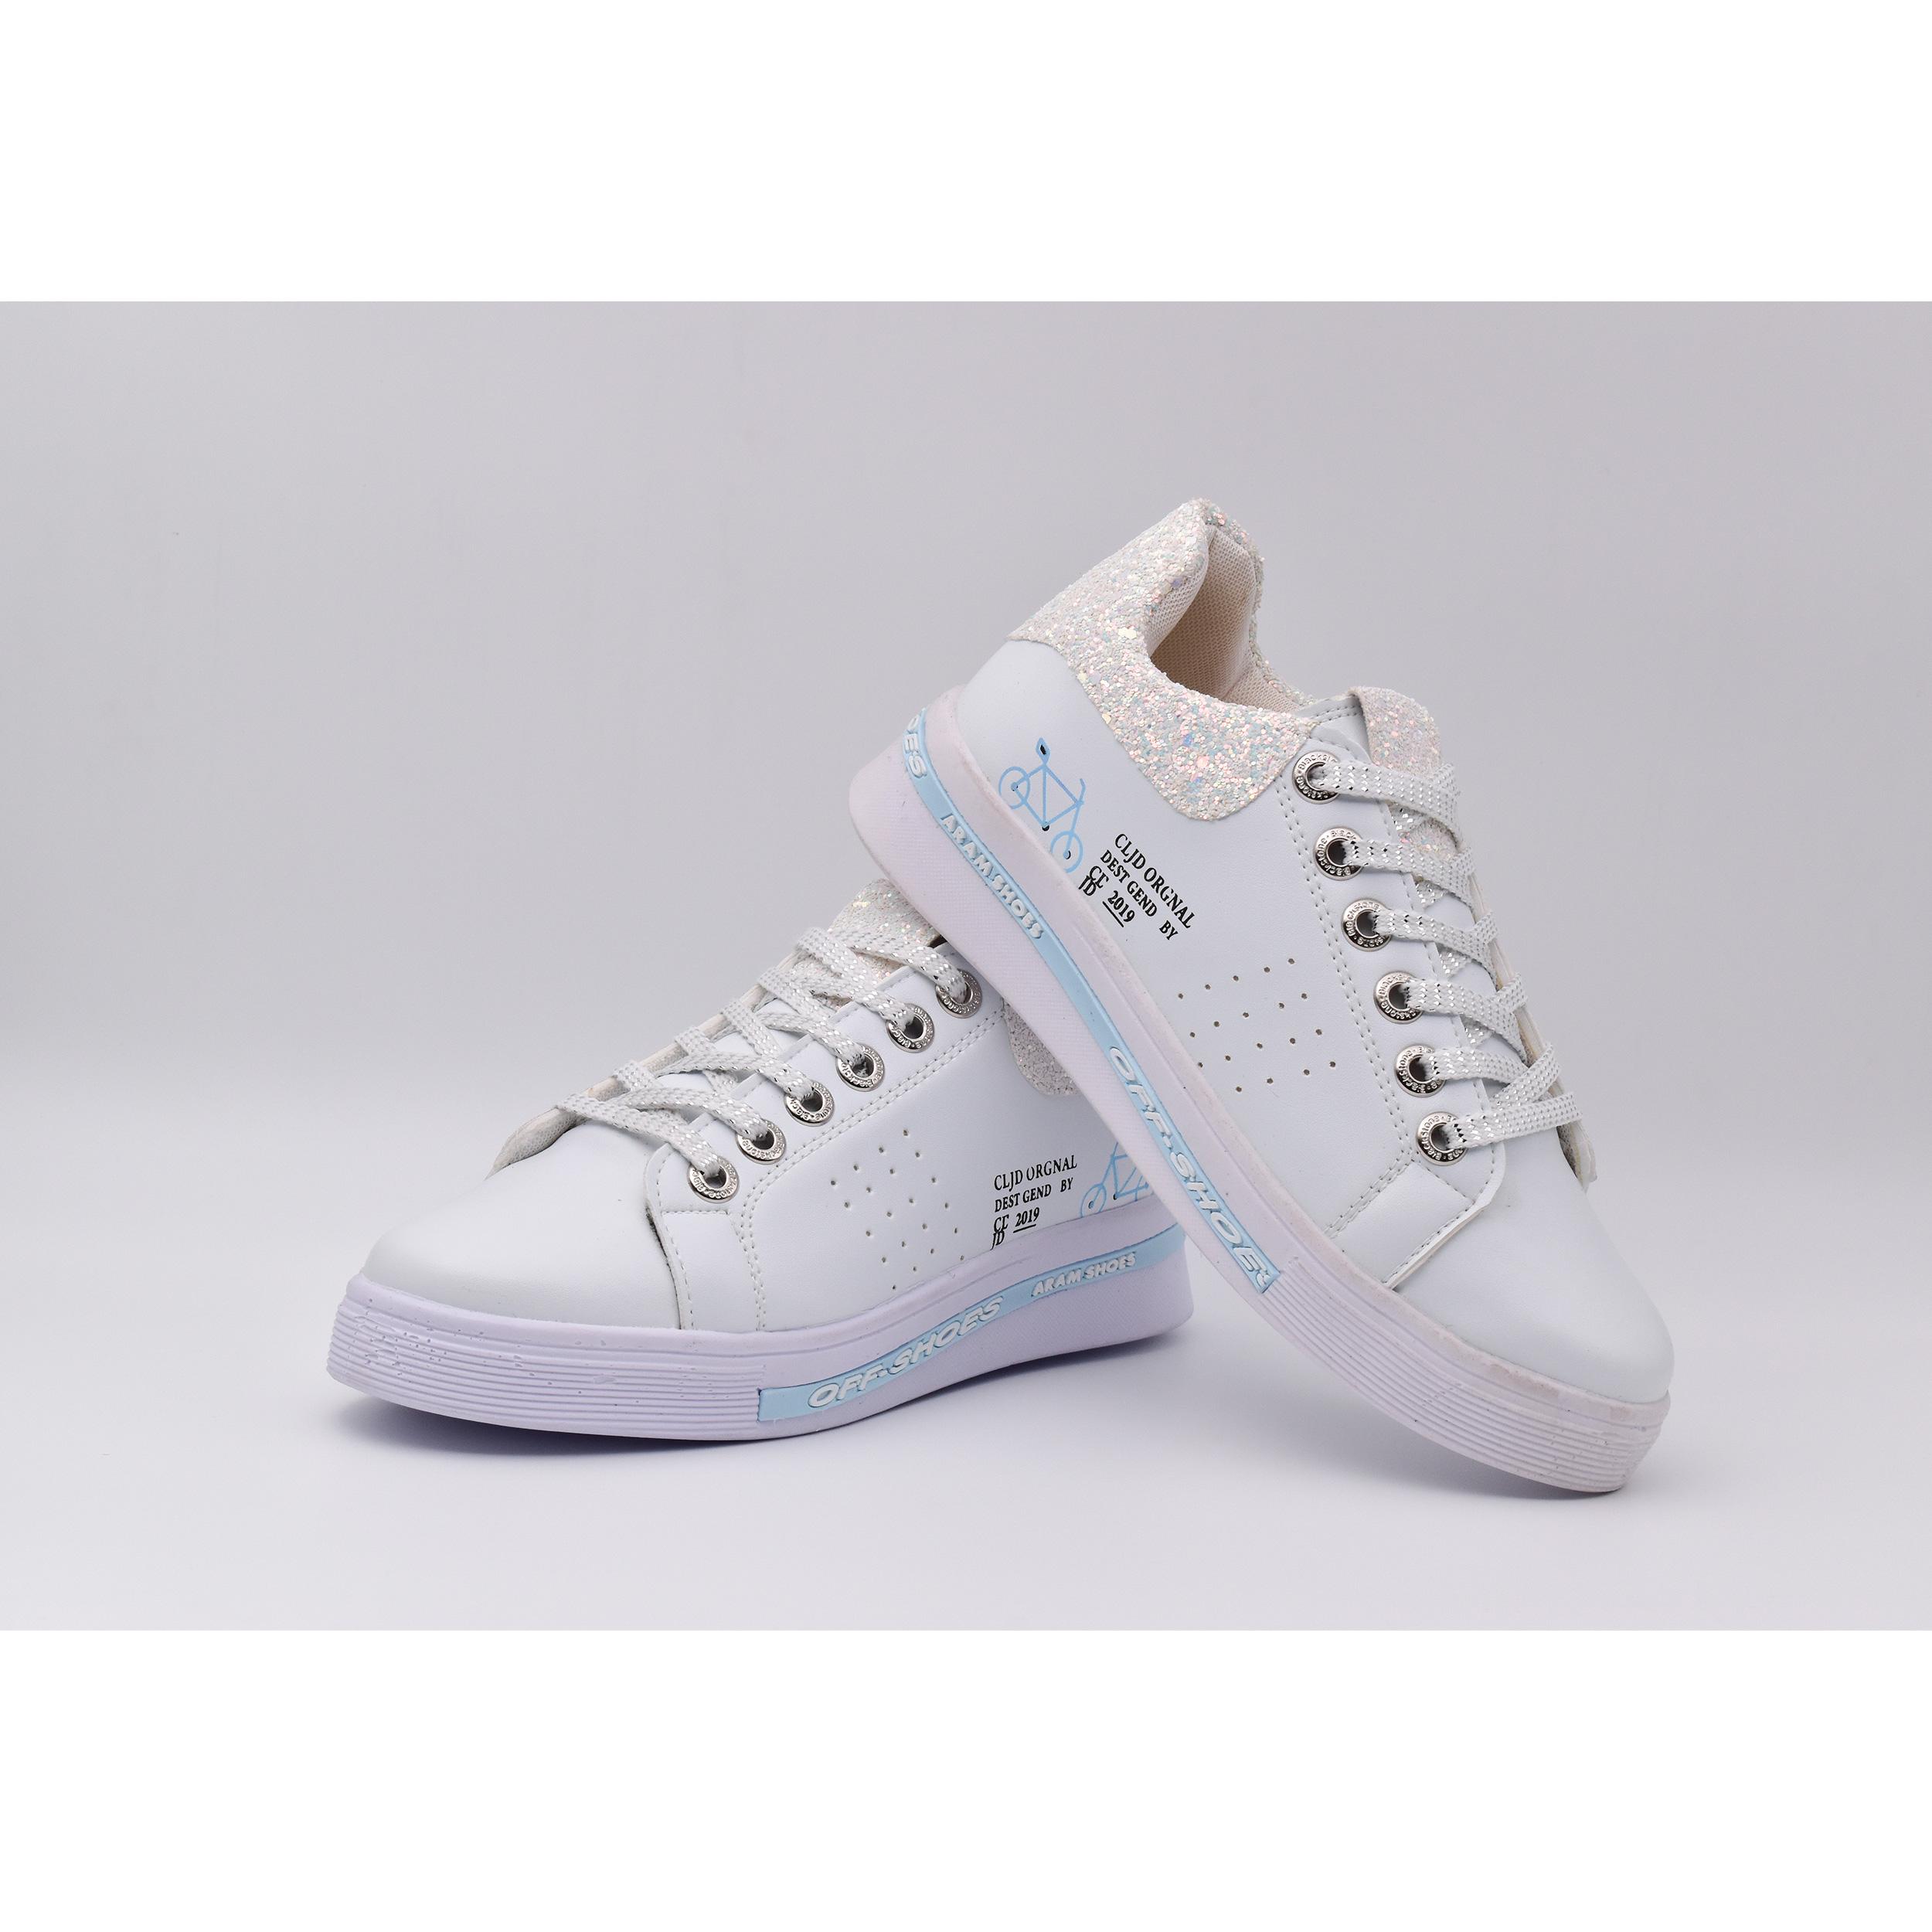 کفش مخصوص پیاده روی نه آرام کد 5852